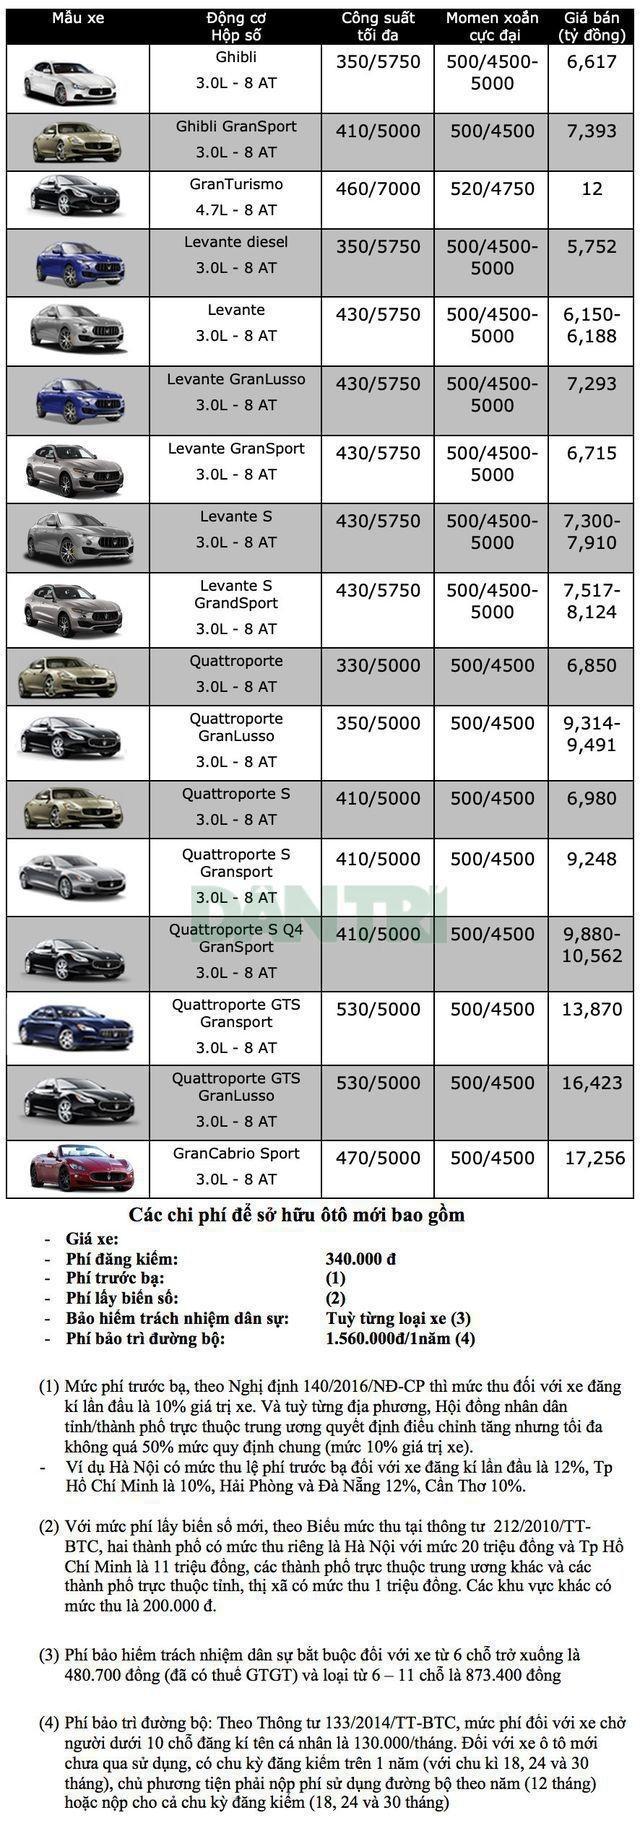 Bảng giá Maserati tại Việt Nam cập nhật tháng 7/2019 - 1